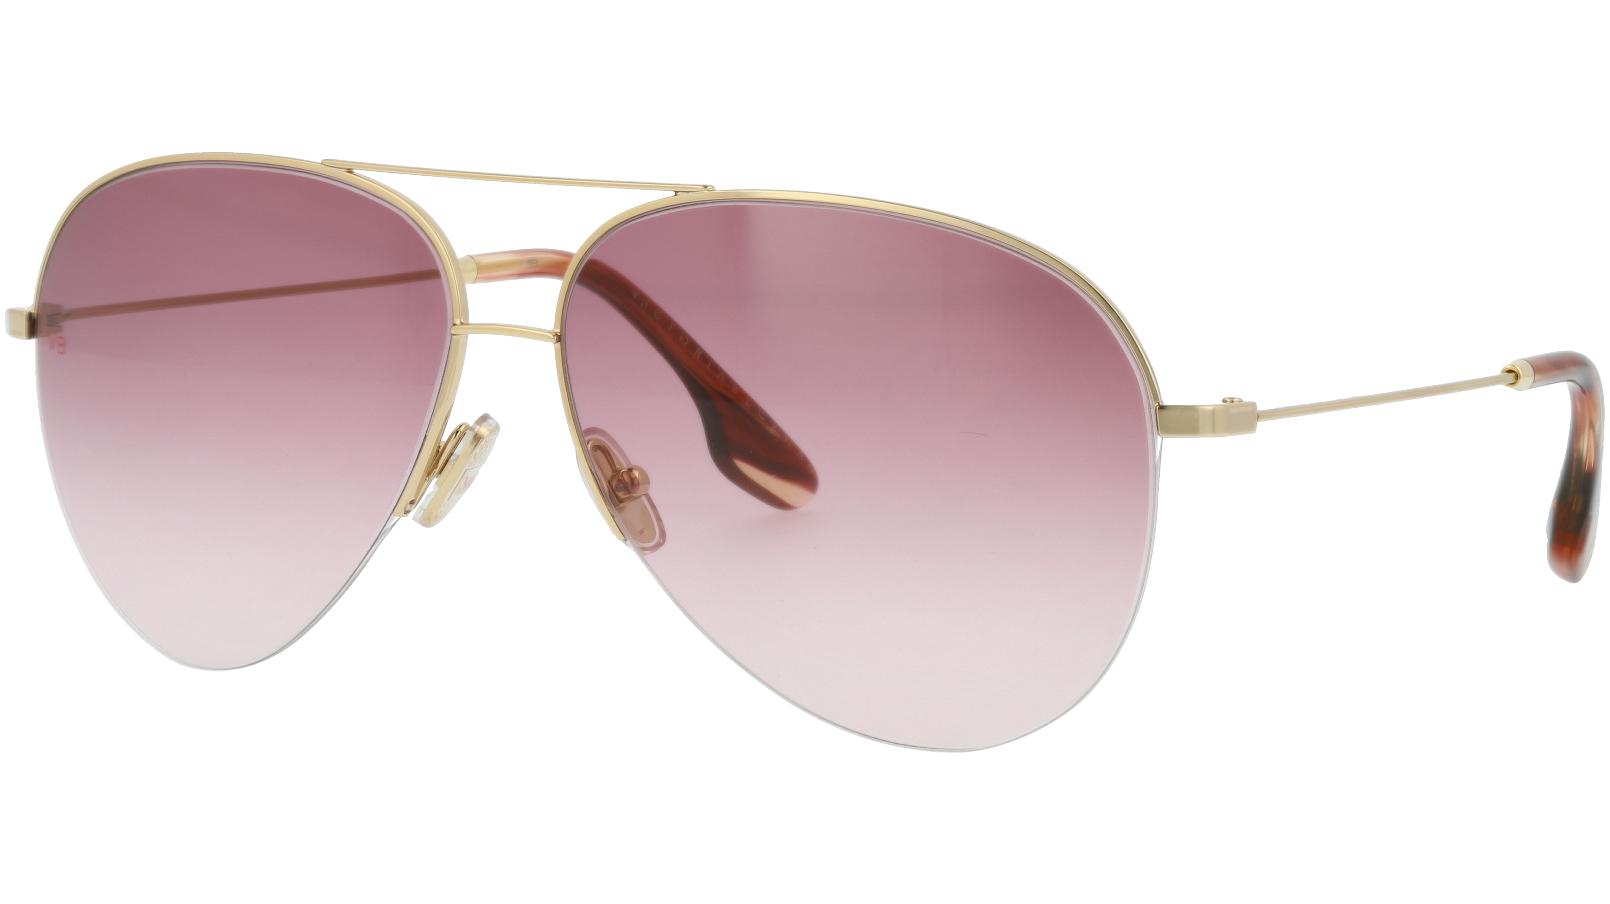 VICTORIA BECKHAM VB90S 712 62 GOLD Sunglasses